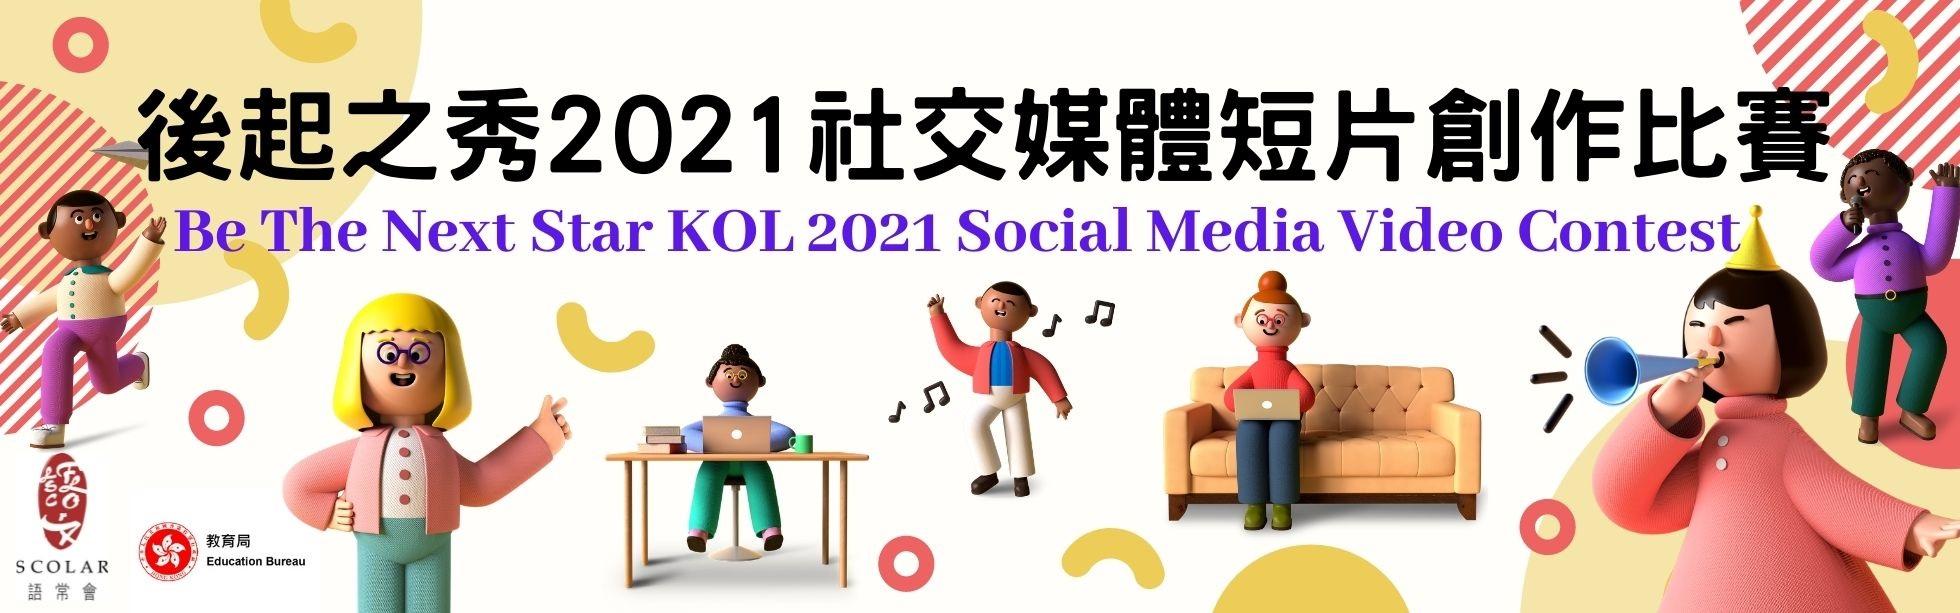 後起之秀2021社交媒體短片創作比賽